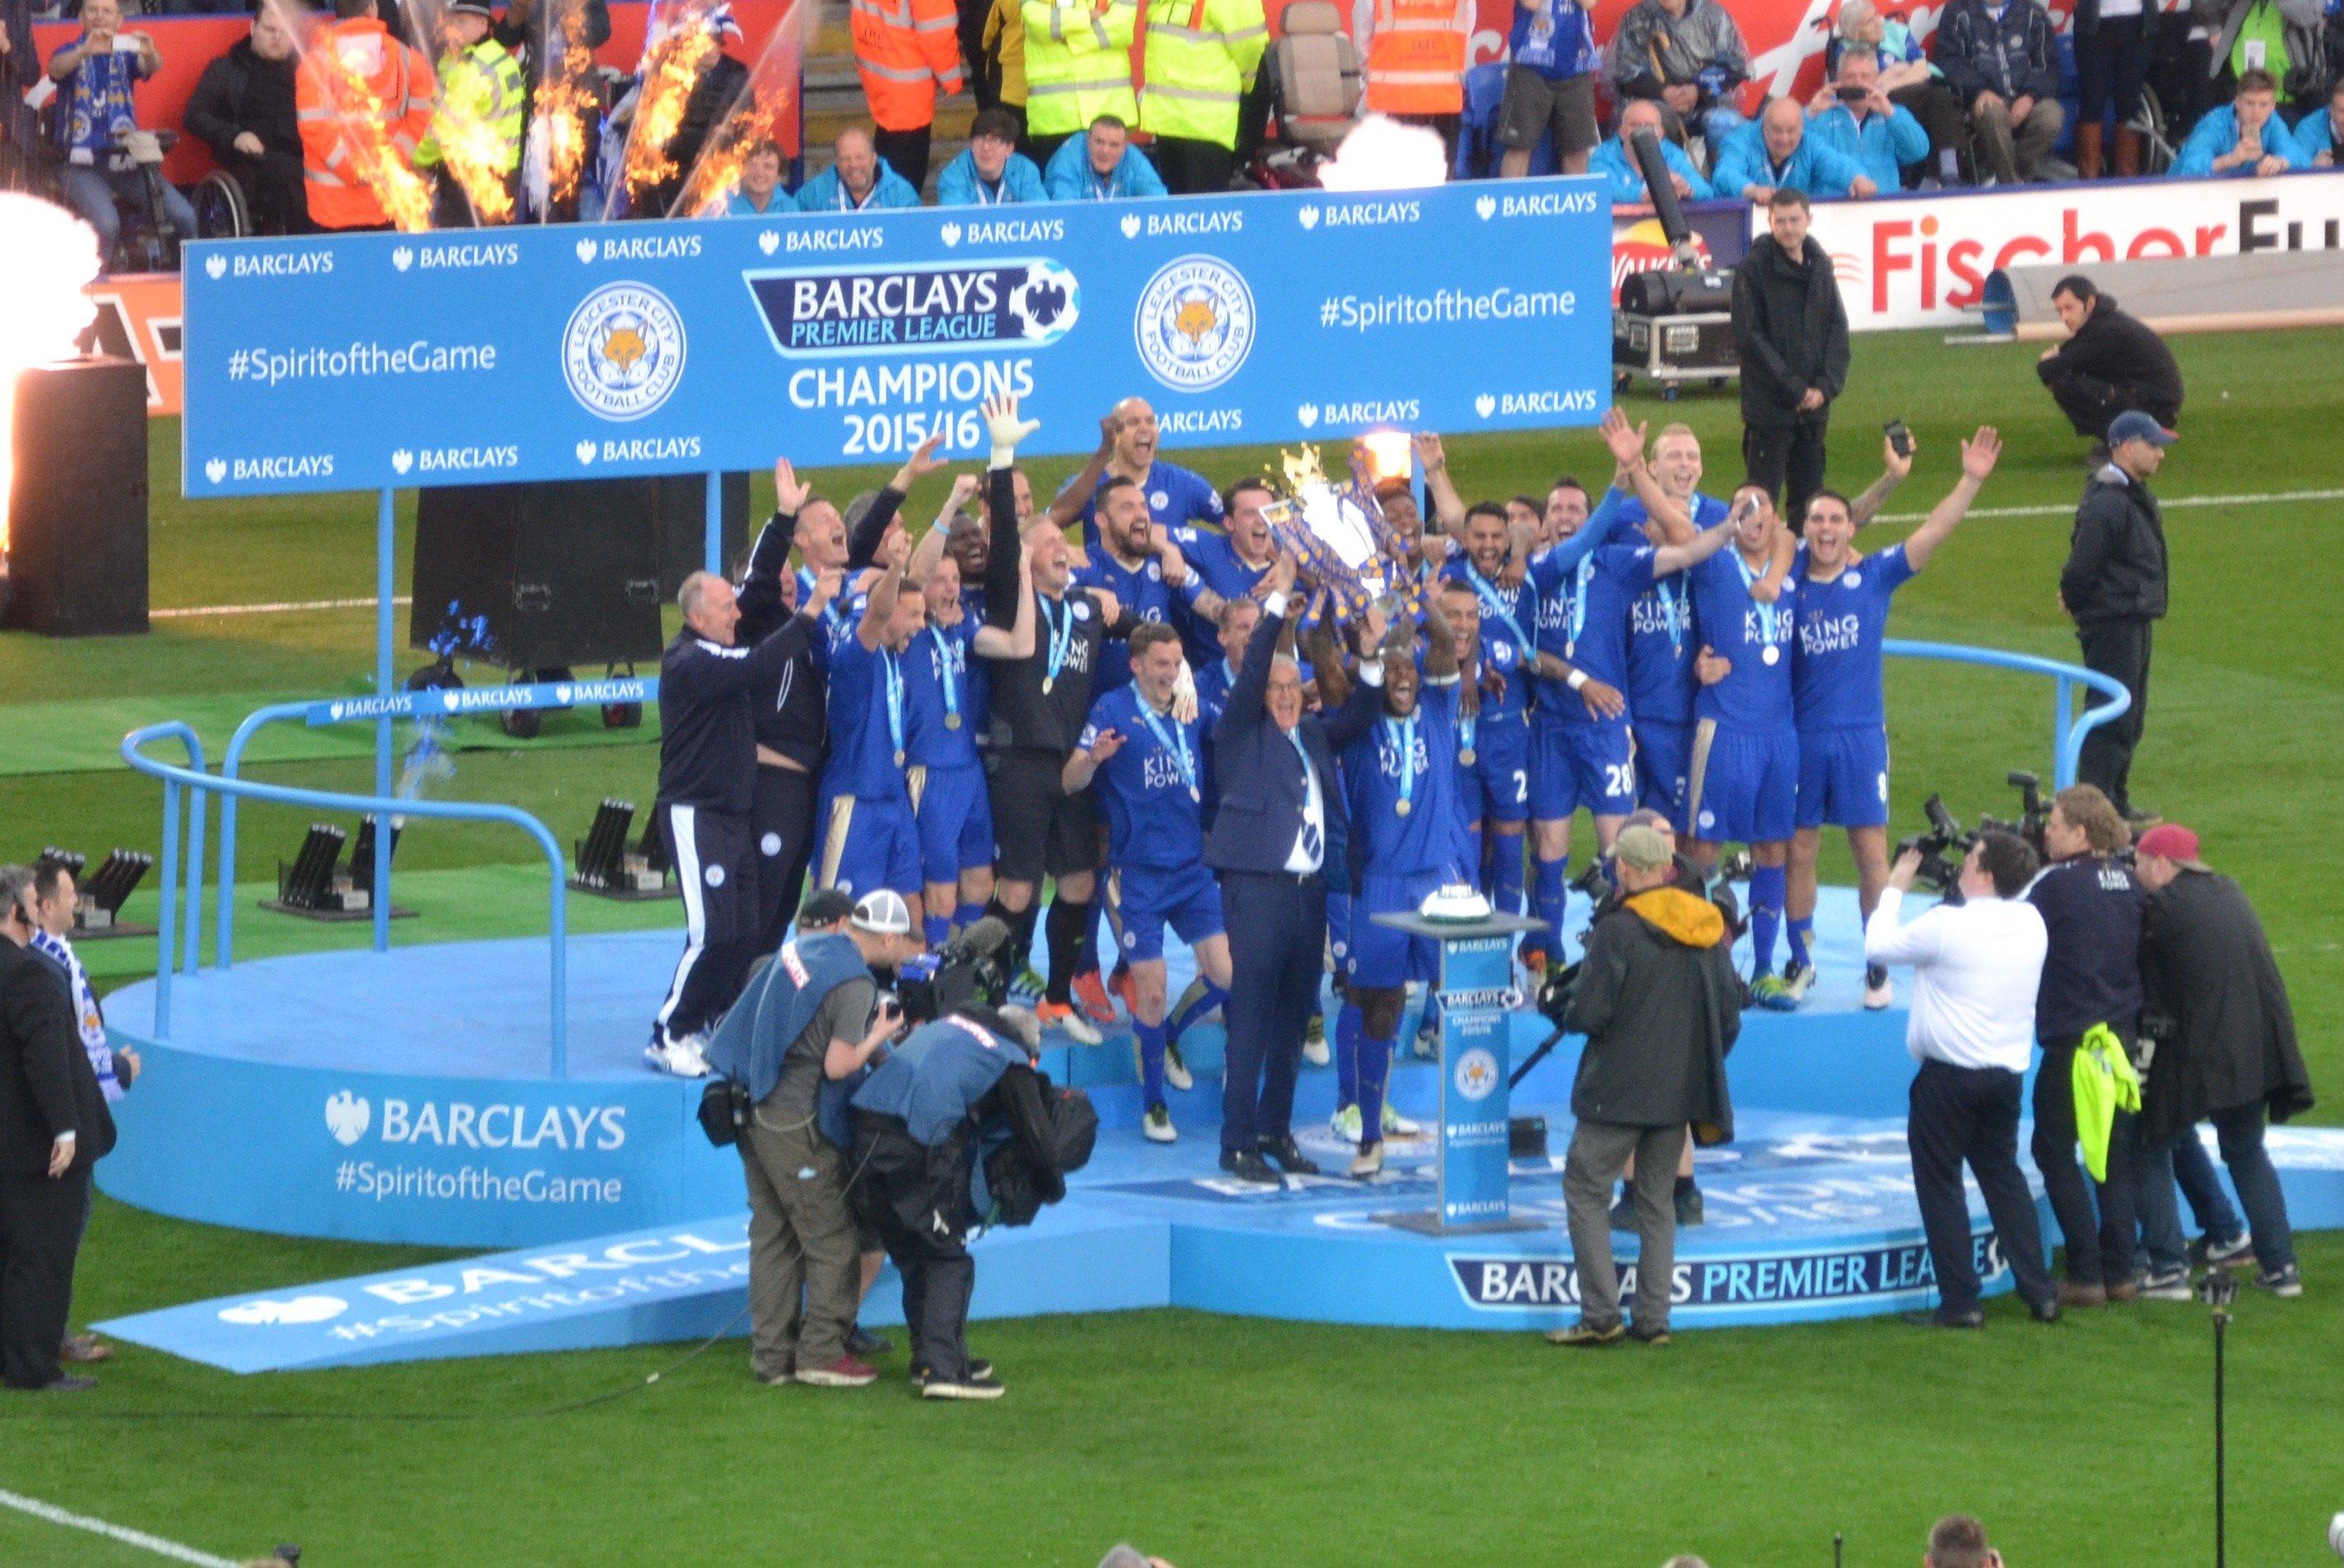 LCFC lift the Premier League Trophy